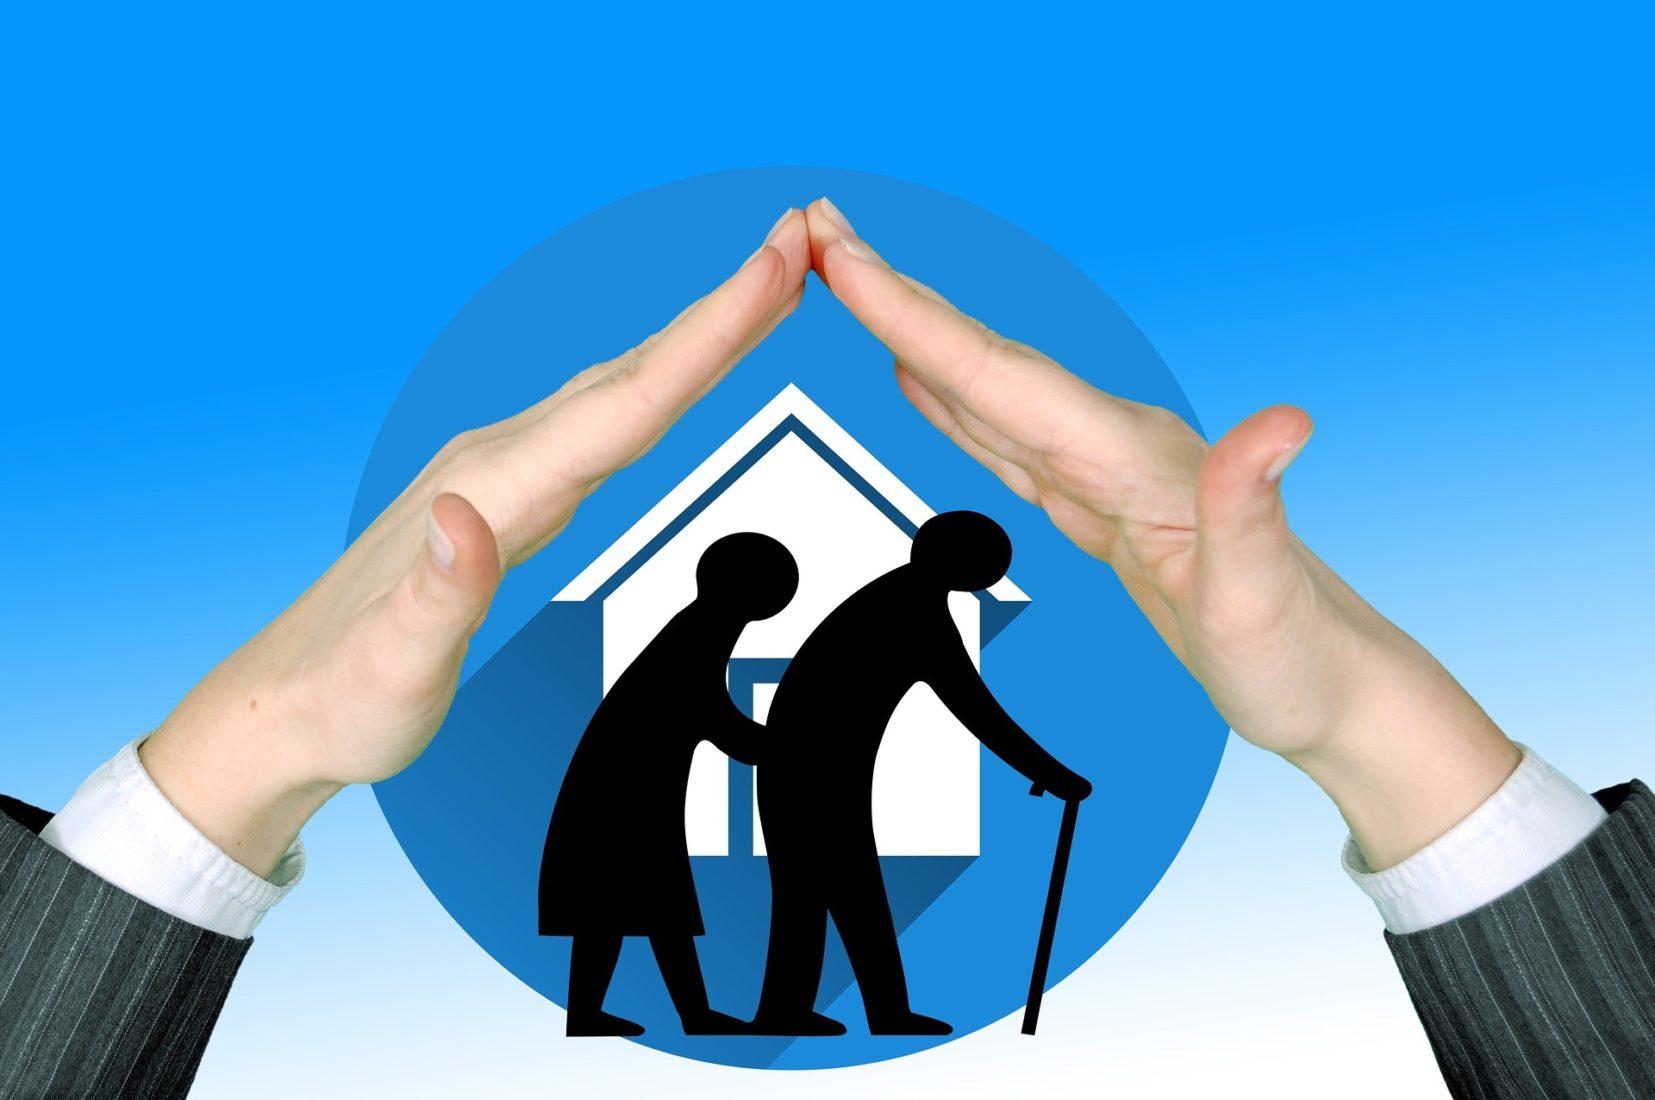 """Das Pestel-Institut fordert staatliche Fördermittel gegen die """"graue Wohnungsnot"""". Foto: Pixabay"""